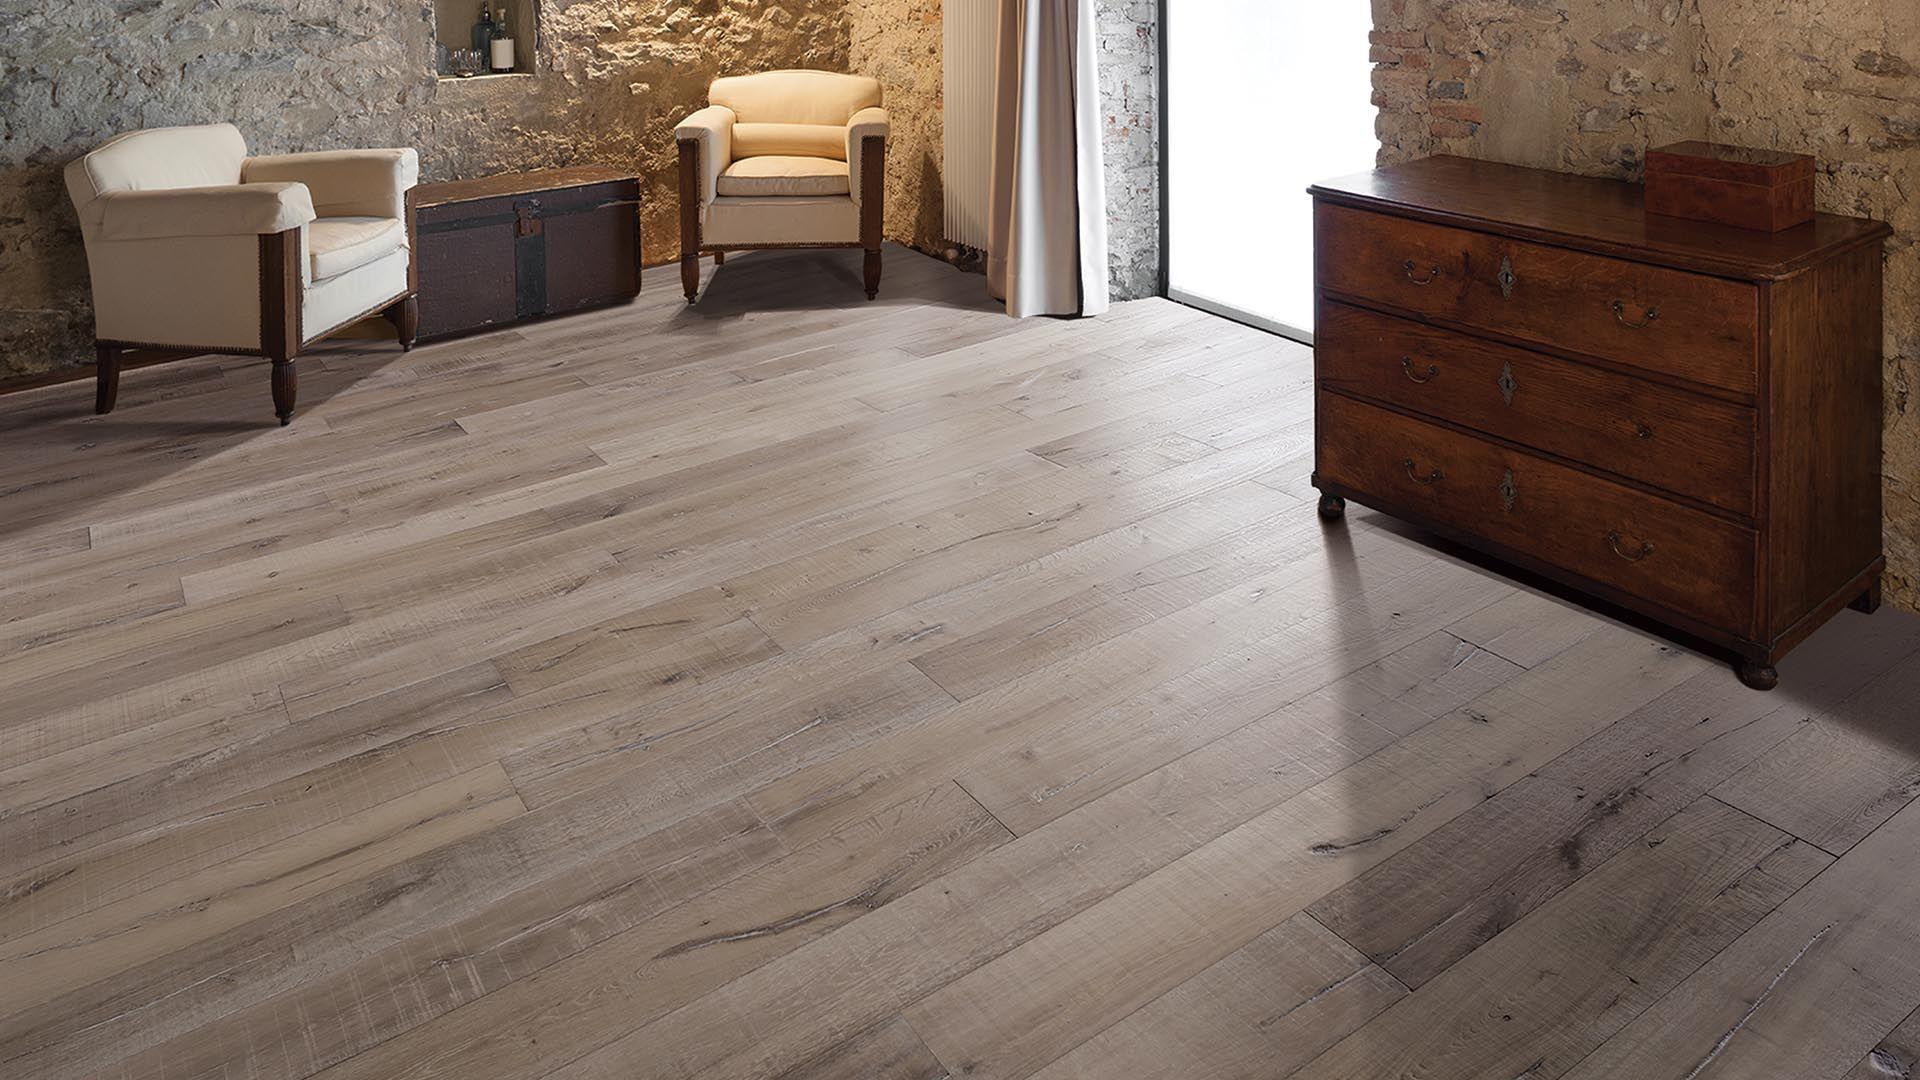 Montage Portofino Terrazzo Hardwood Floors Flooring